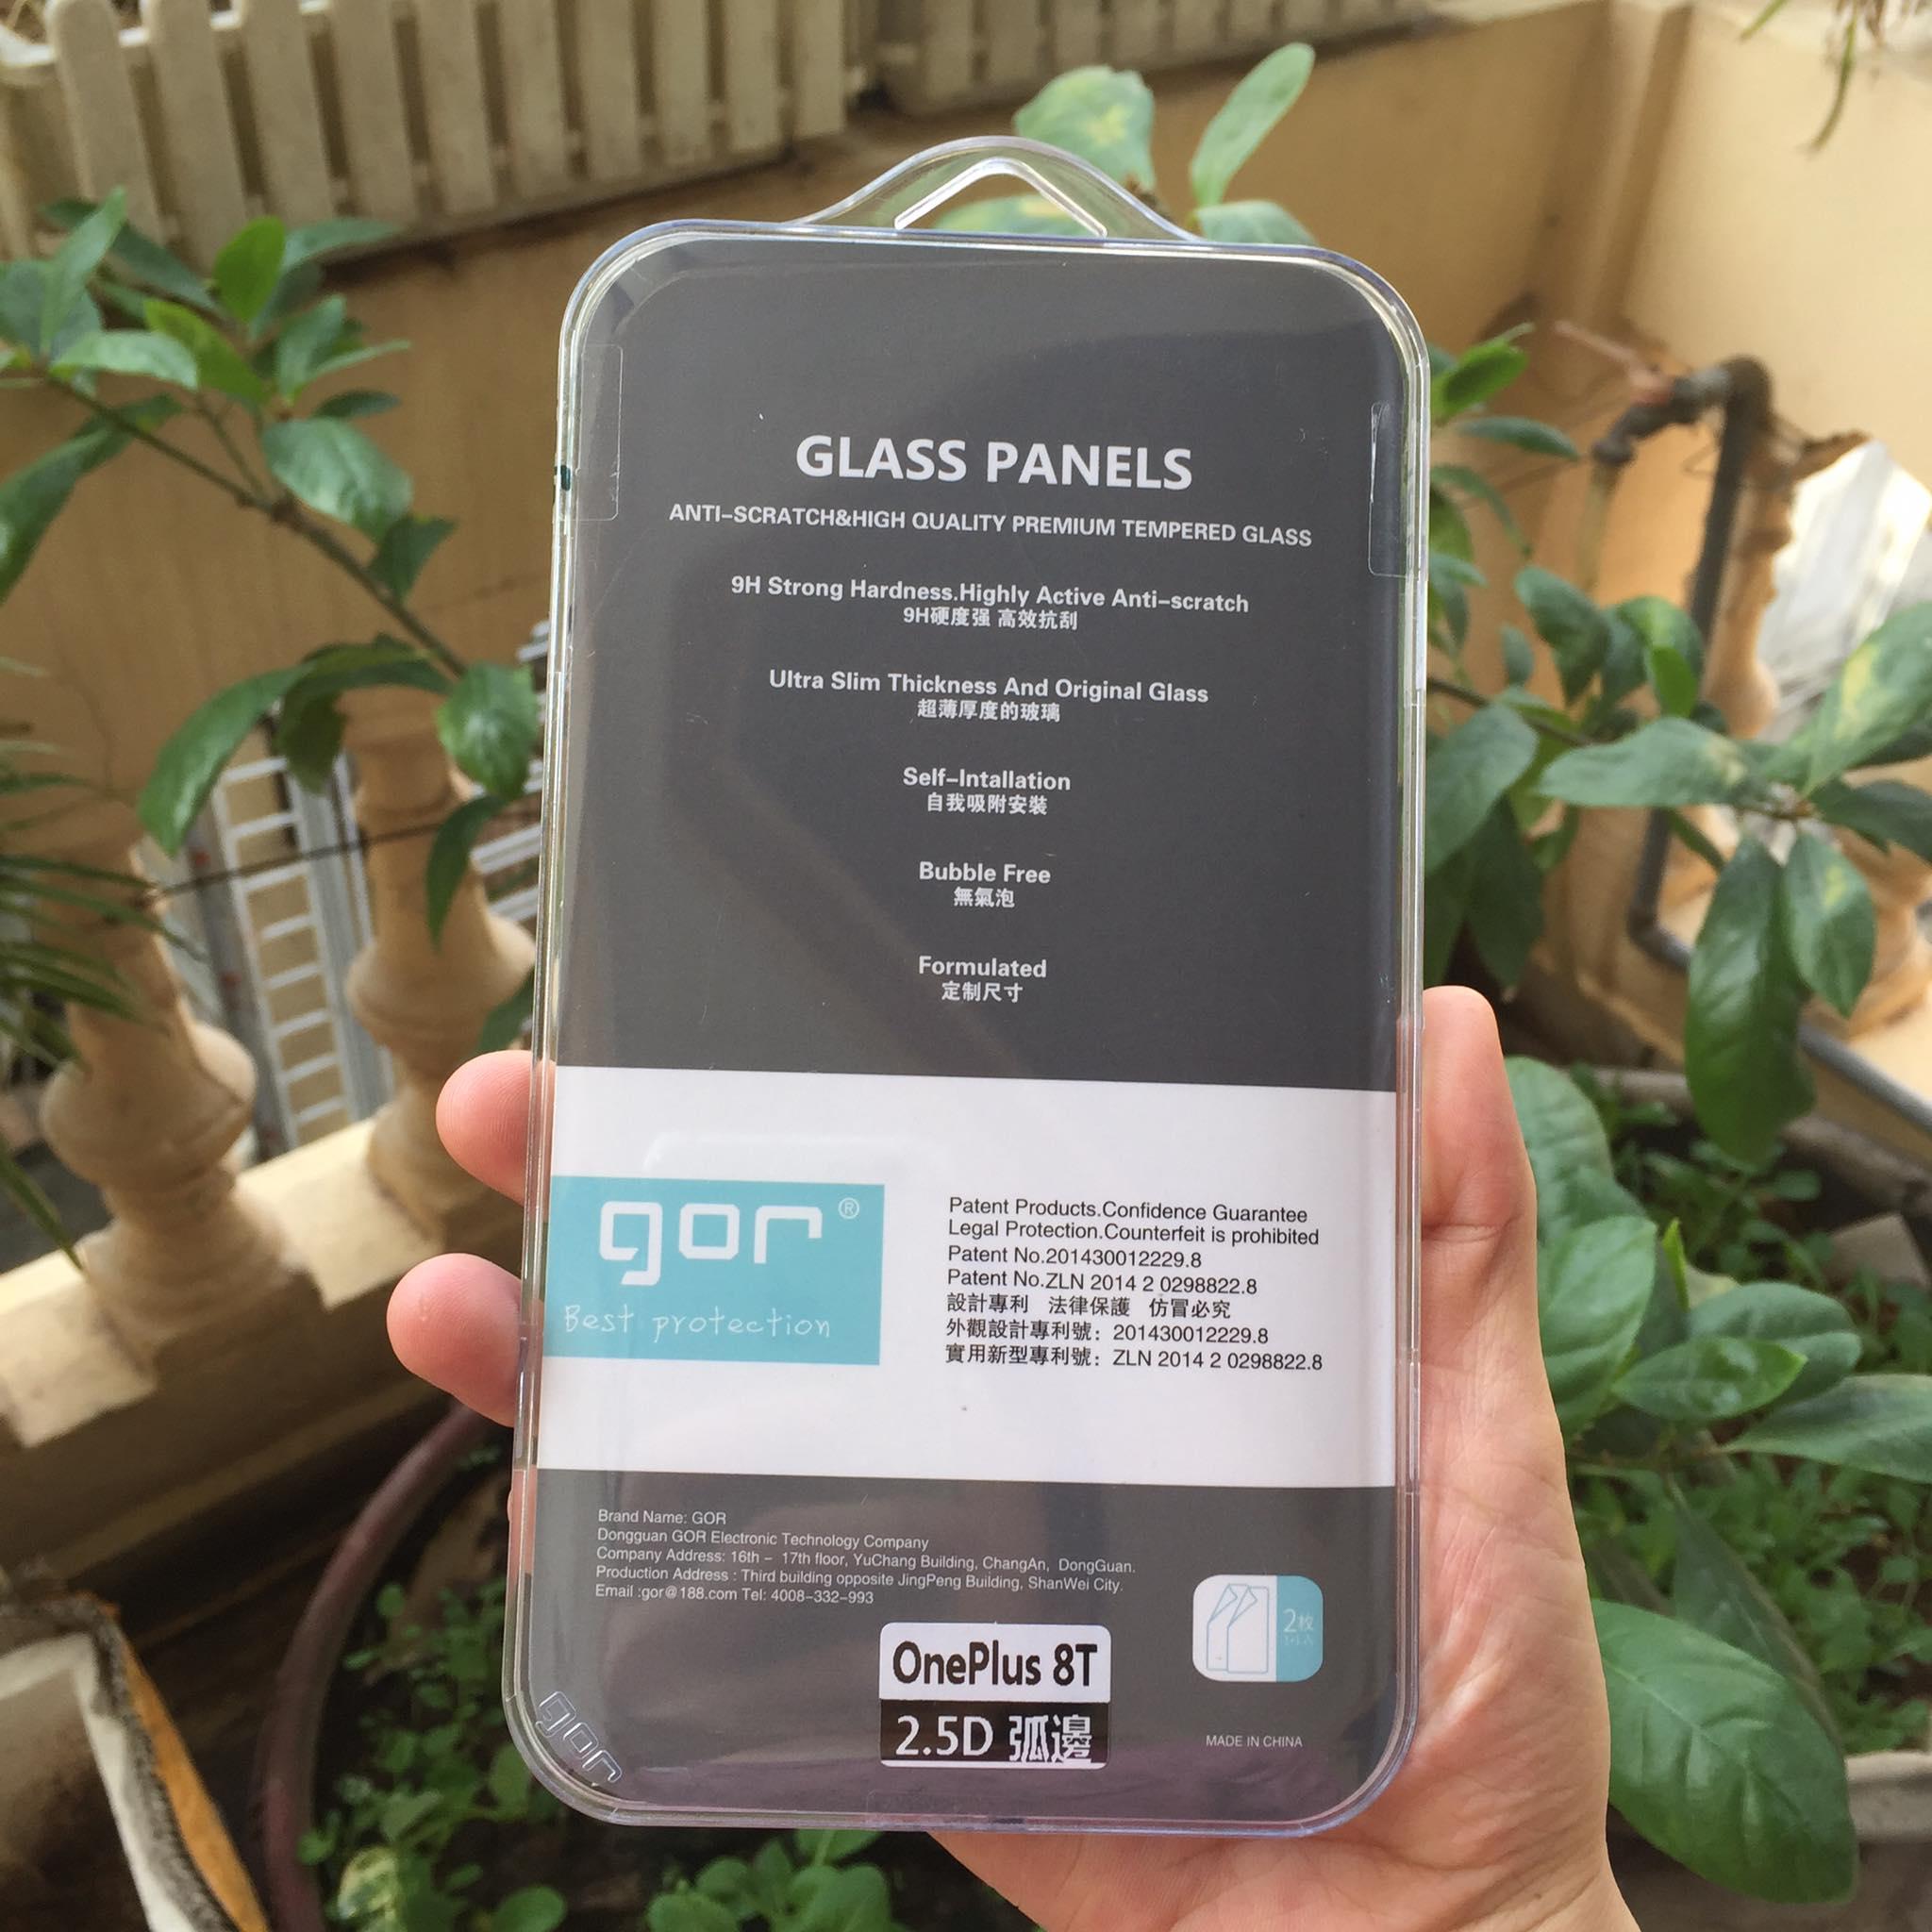 Bộ 2 Kính Cường Lực GOR cho OnePlus 8T ( 2 Miếng full box ) _ Hàng Nhập Khẩu